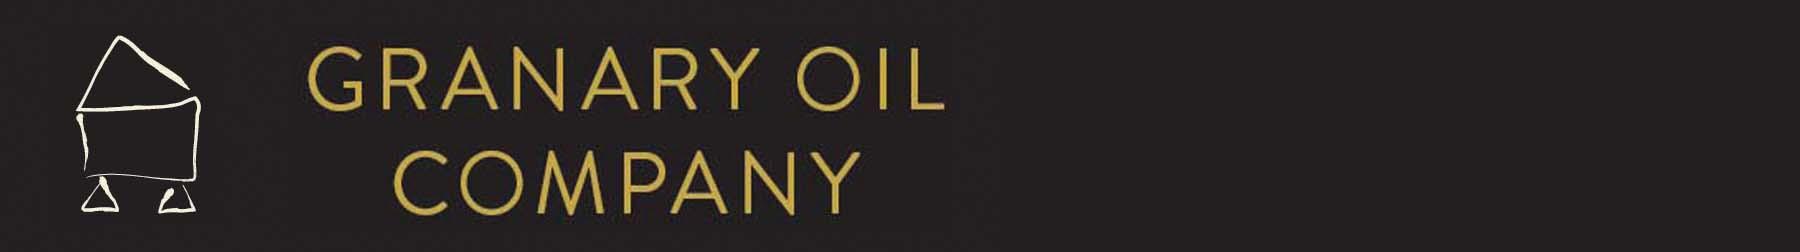 Granary Oil Company